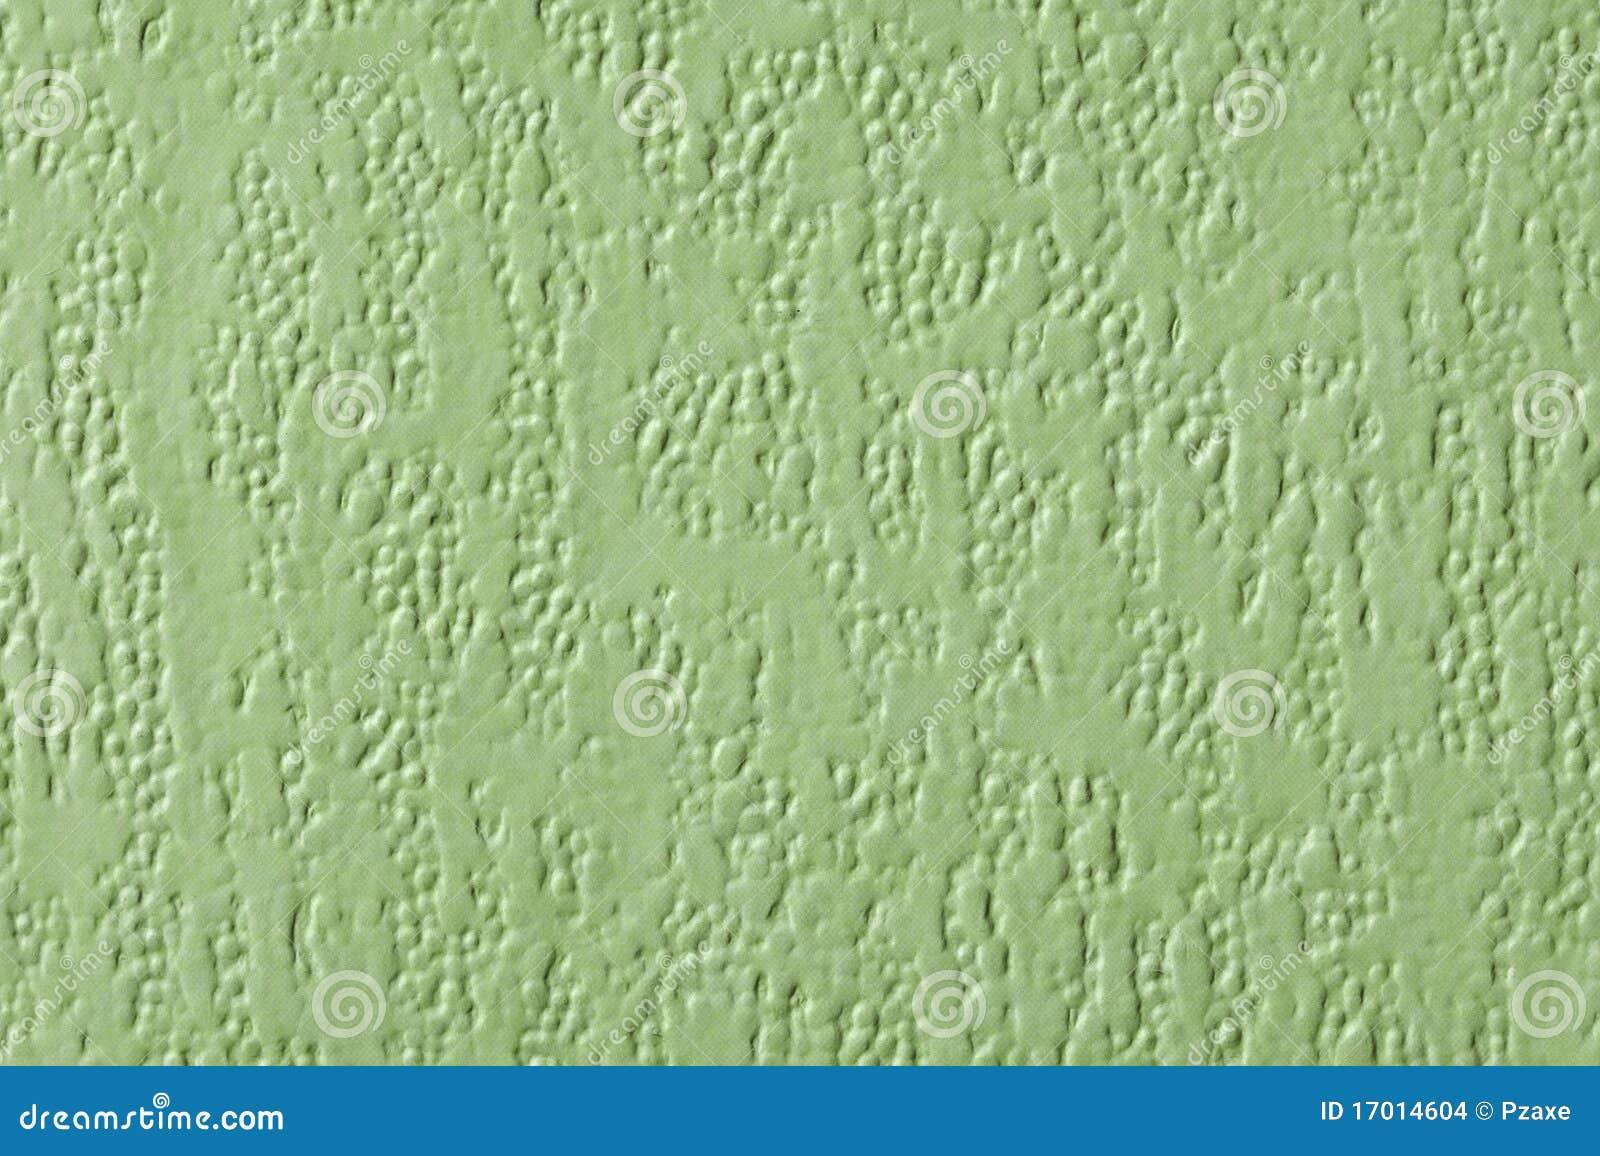 fond surface de papier peint vert photo stock image du texturis structure 17014604. Black Bedroom Furniture Sets. Home Design Ideas